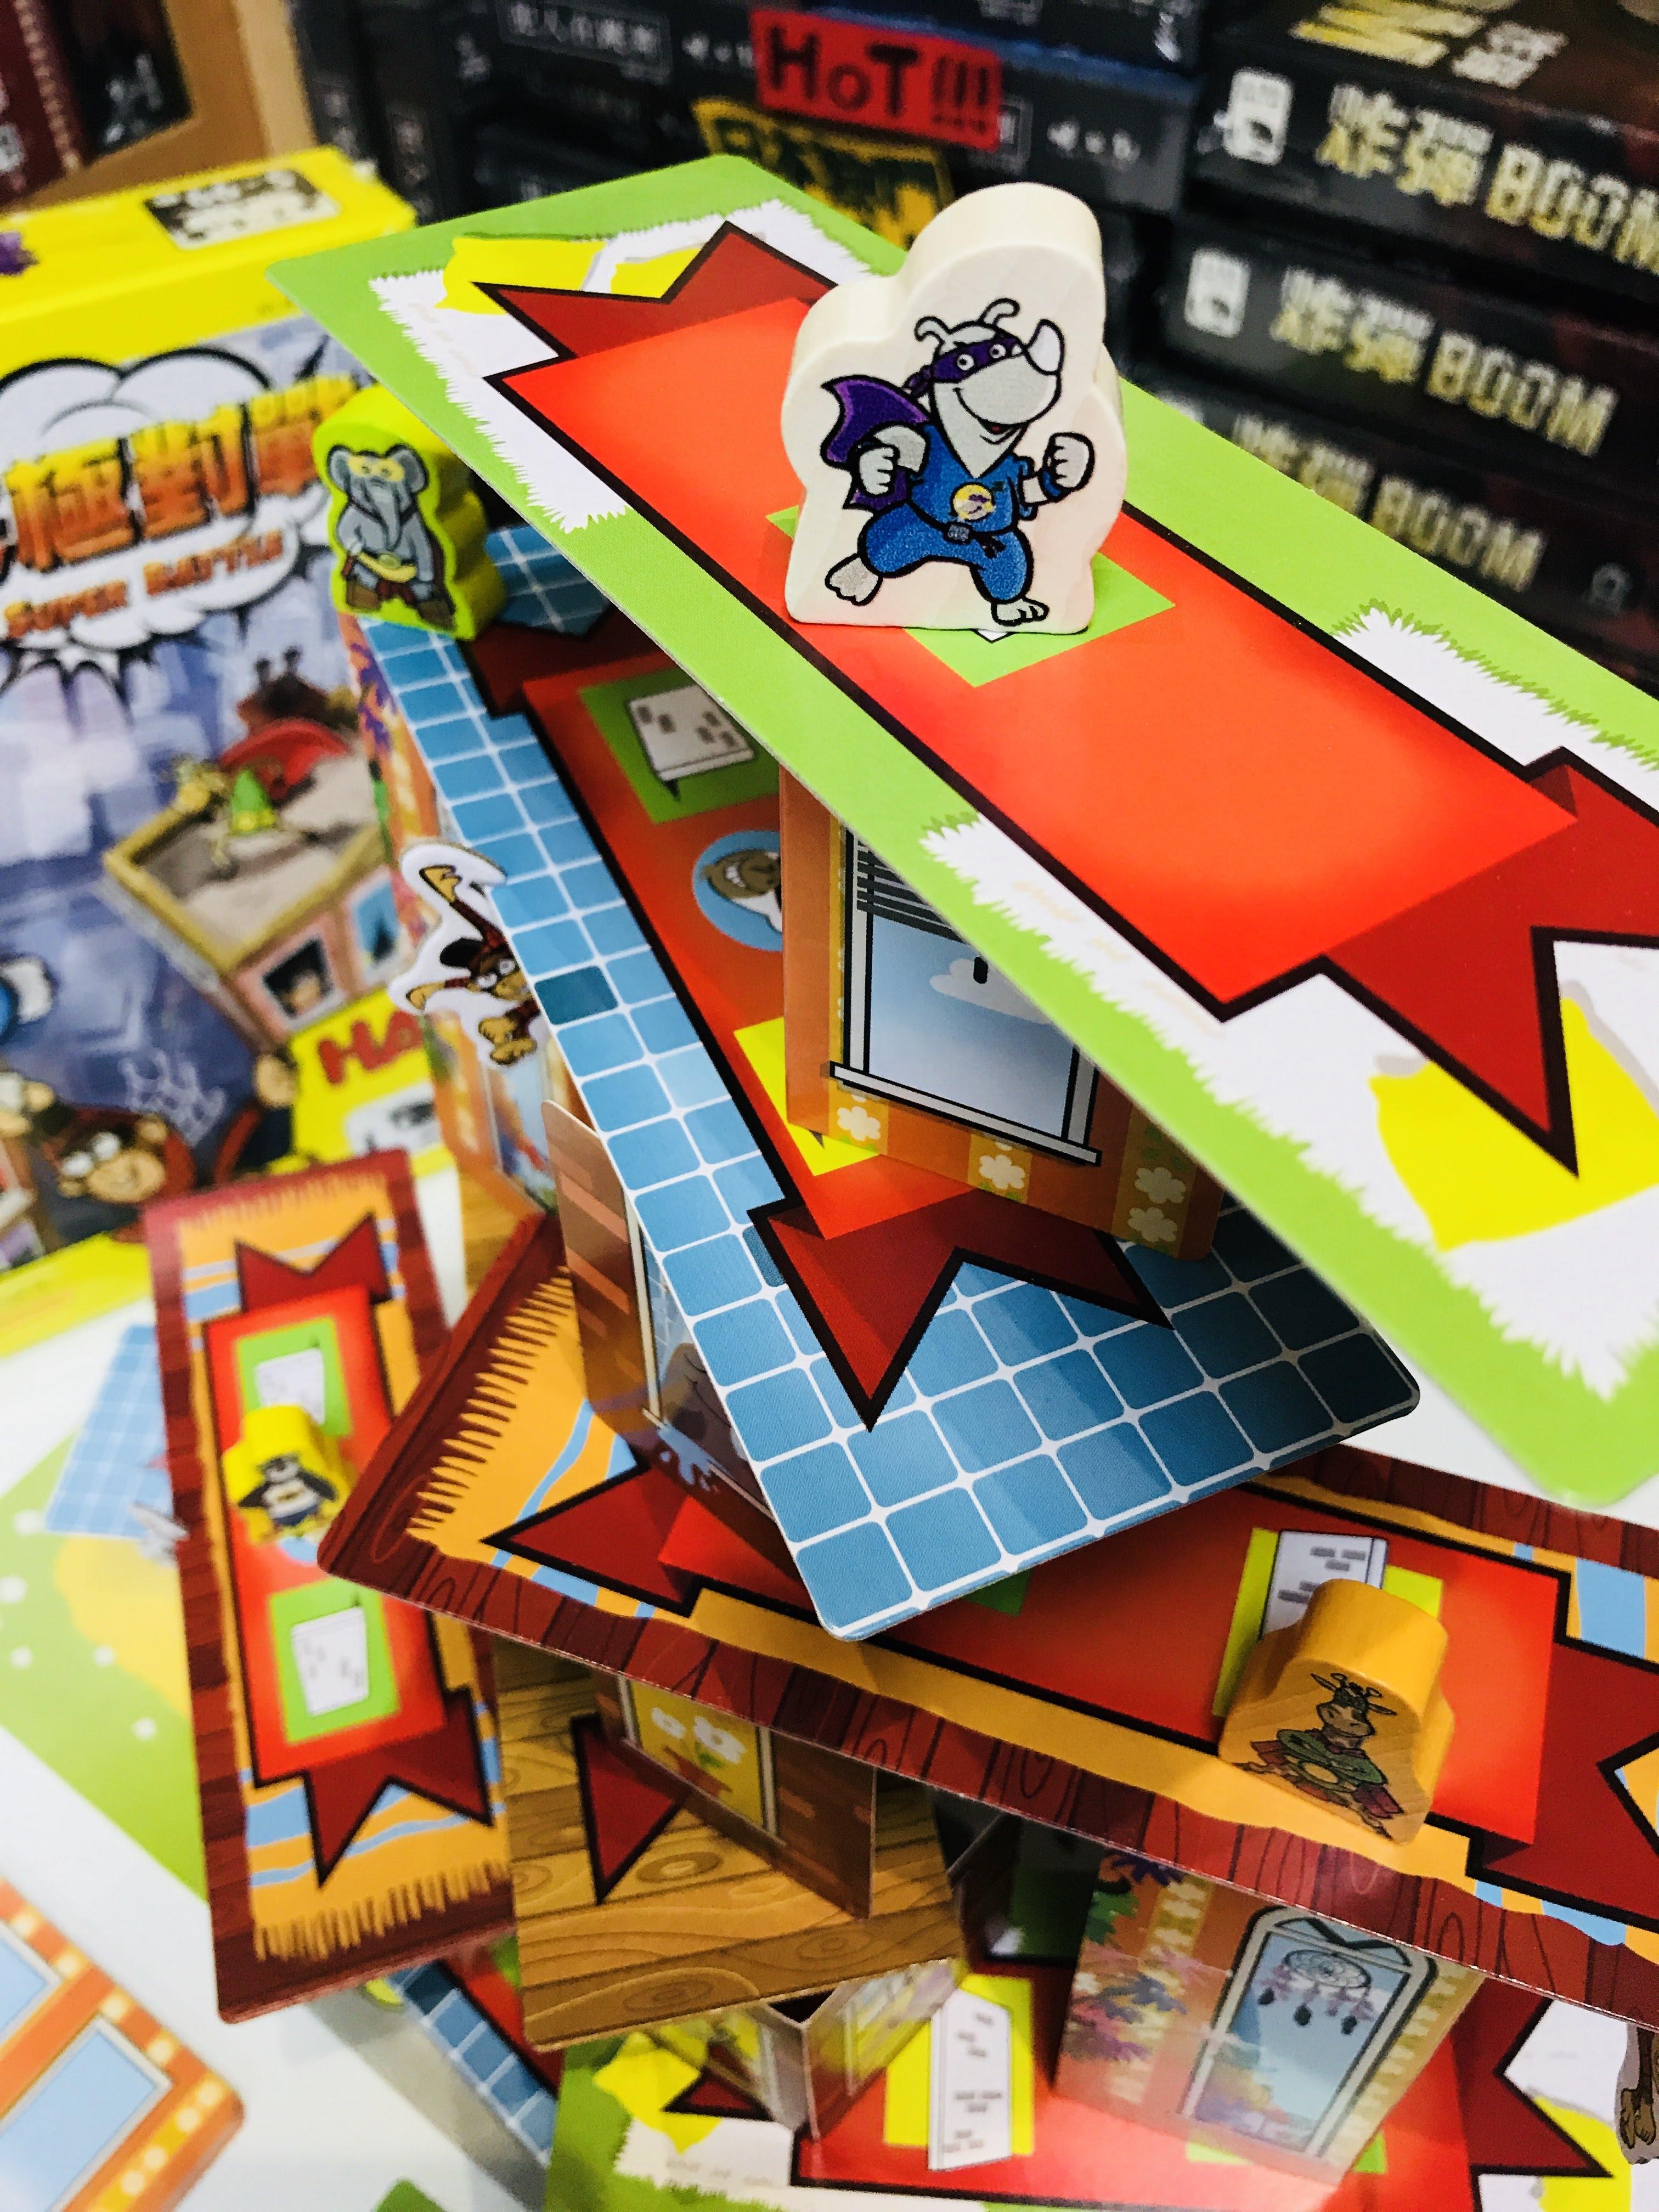 【焦點桌遊】《超級犀牛:終極對戰》 (新貨到!) – 伴桌趣益智桌遊